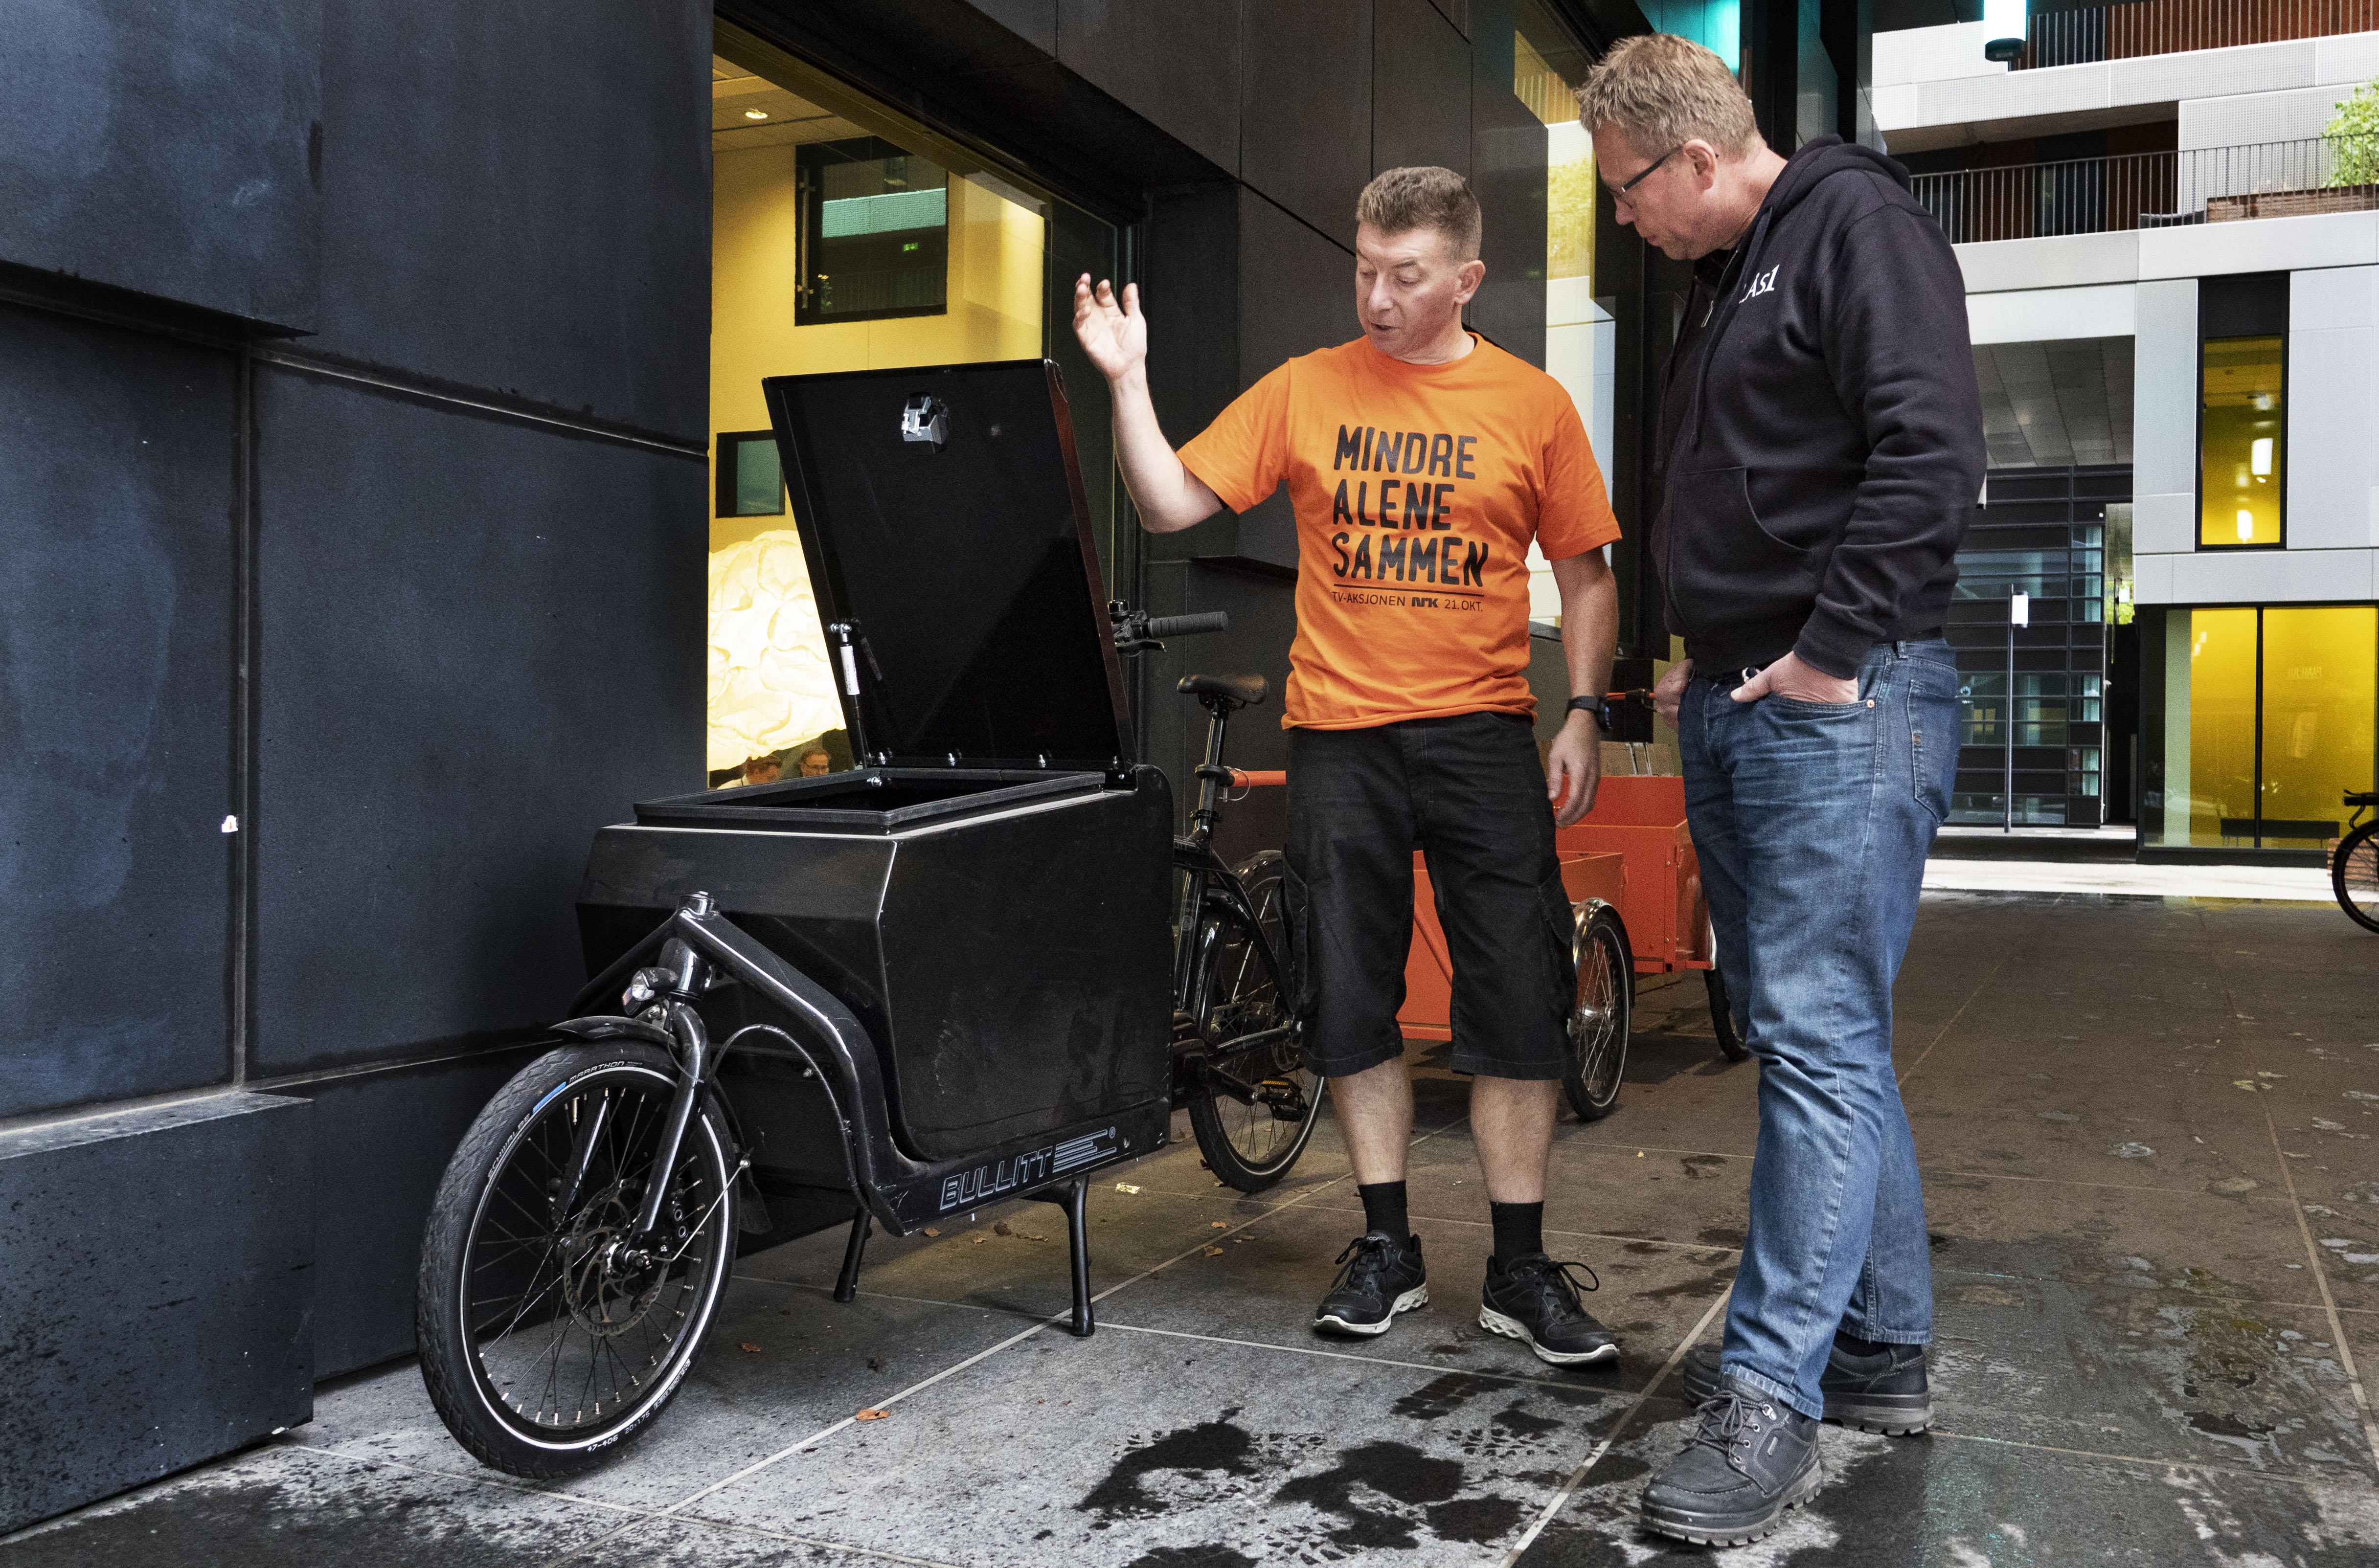 Ian Luck i sykkelbutikken Paahjul forklarer og viser Stig Roar Punnerud el varesykkelen som heretter blir LÅS1s servicesykkel i Oslo sentrum. Foto: GEIR OLSEN